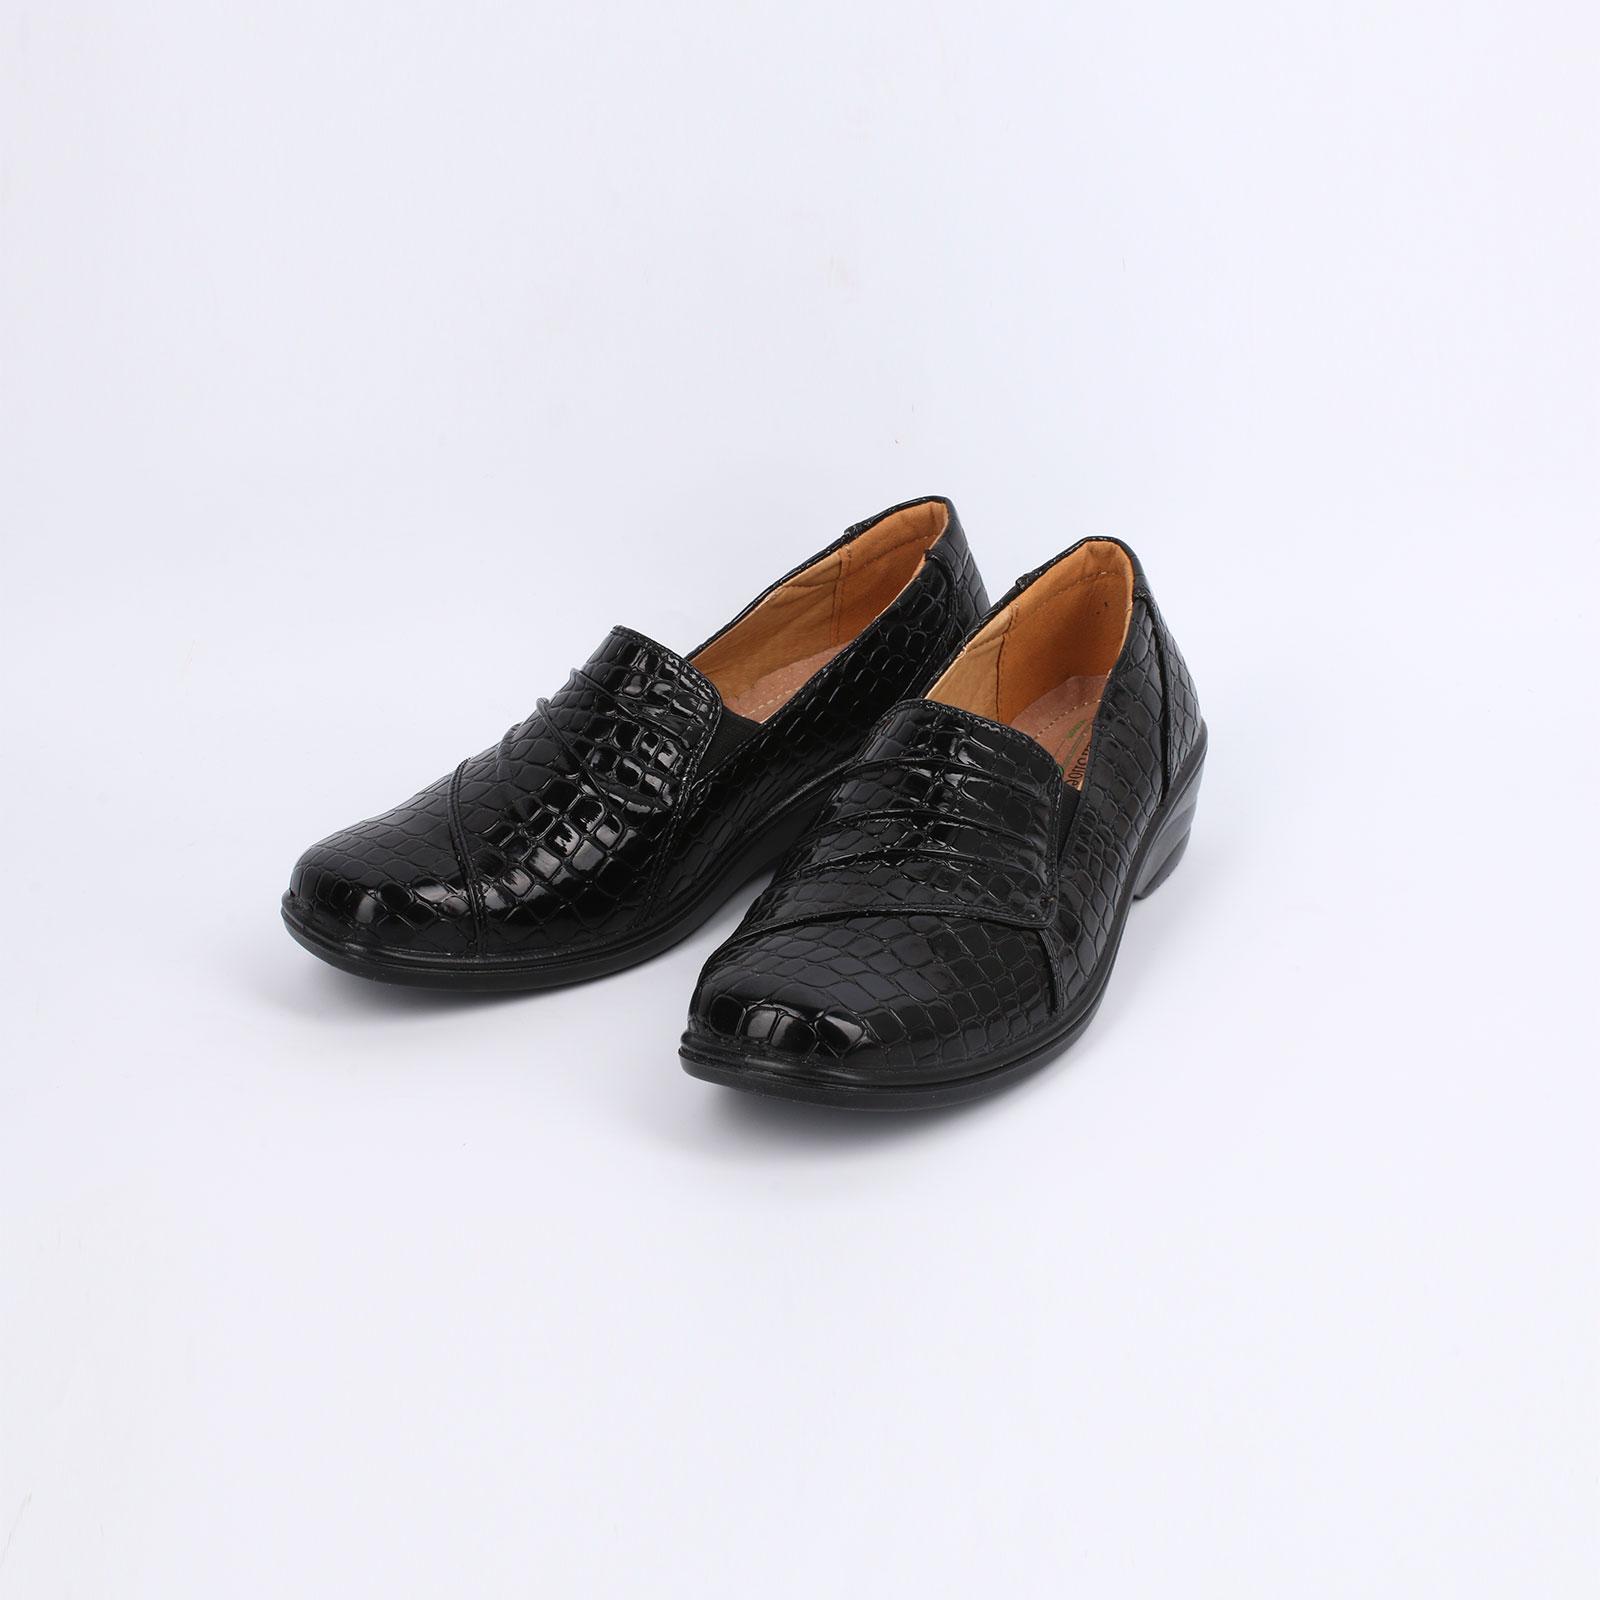 Туфли женские c тиcнением под рептилию